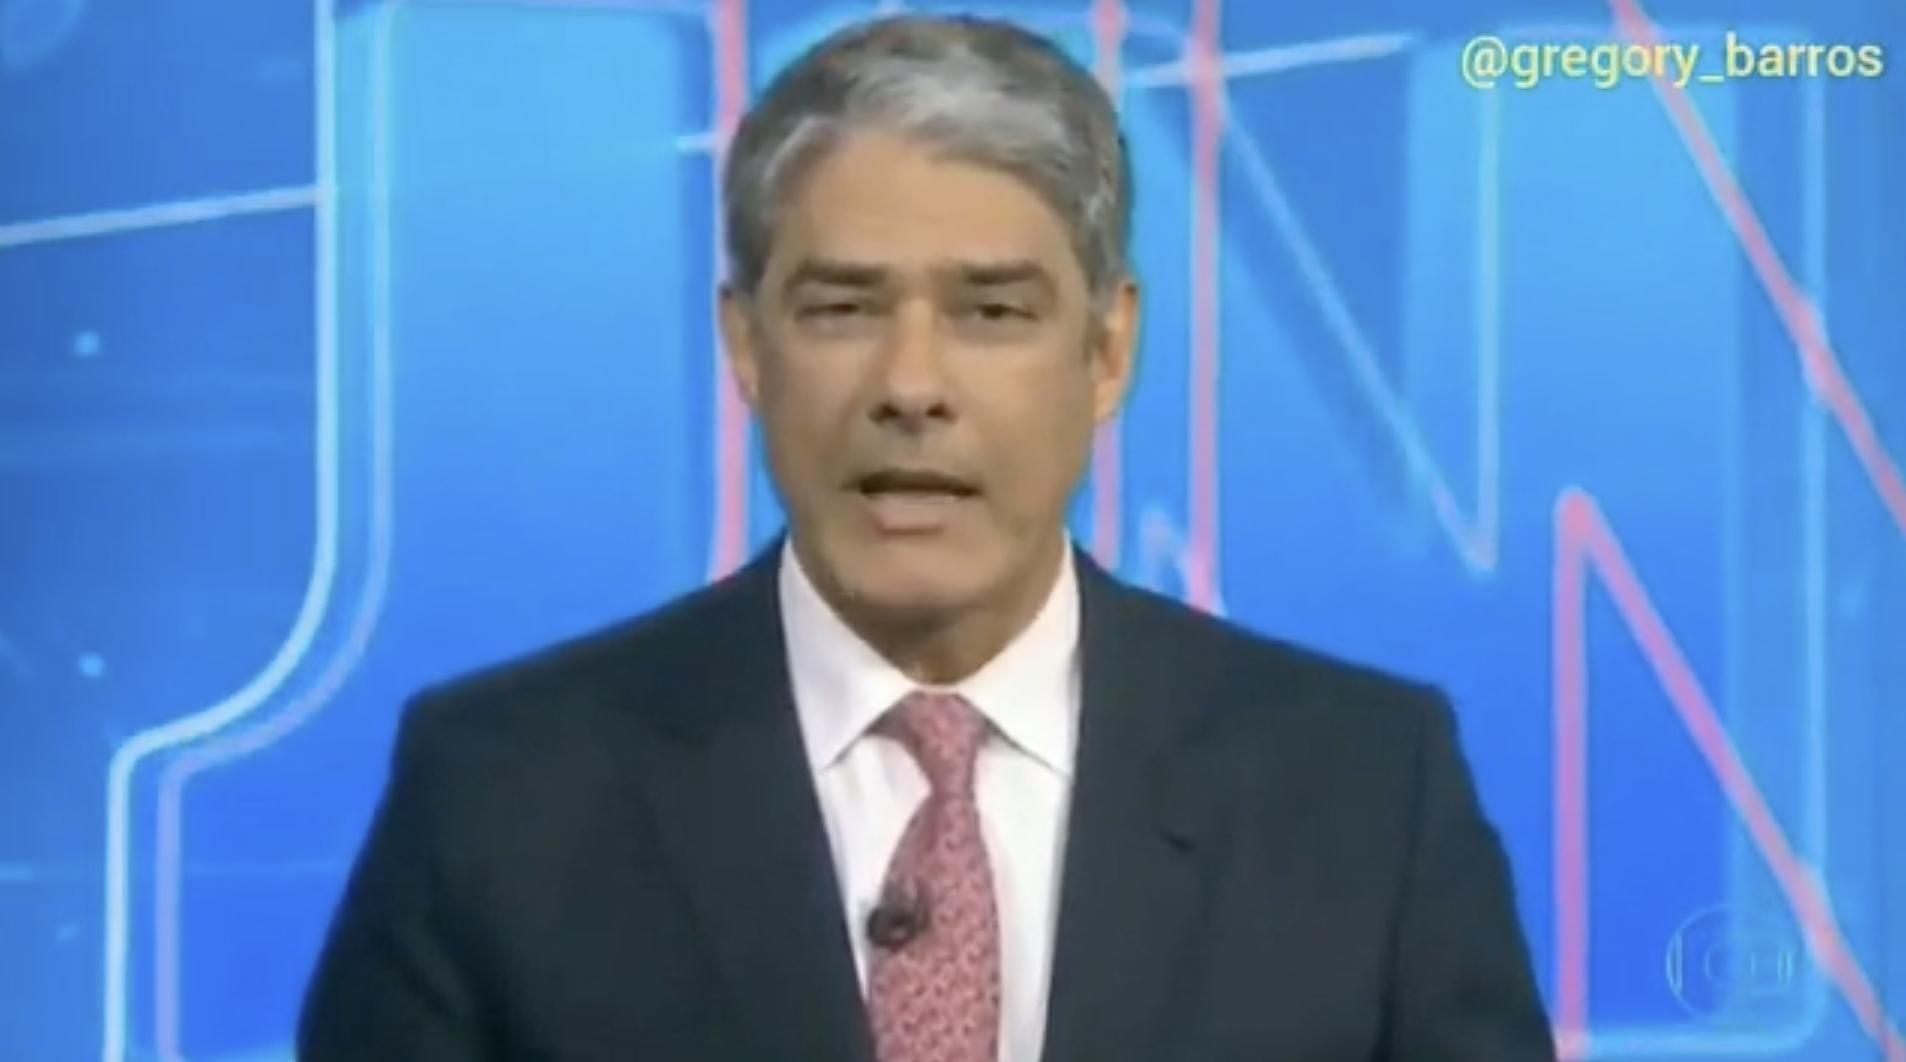 """Sedenta para derrubar Maduro, Globo põe no ar """"notícia"""" de perfil fake de general brasileiro; veja que escandaloso"""